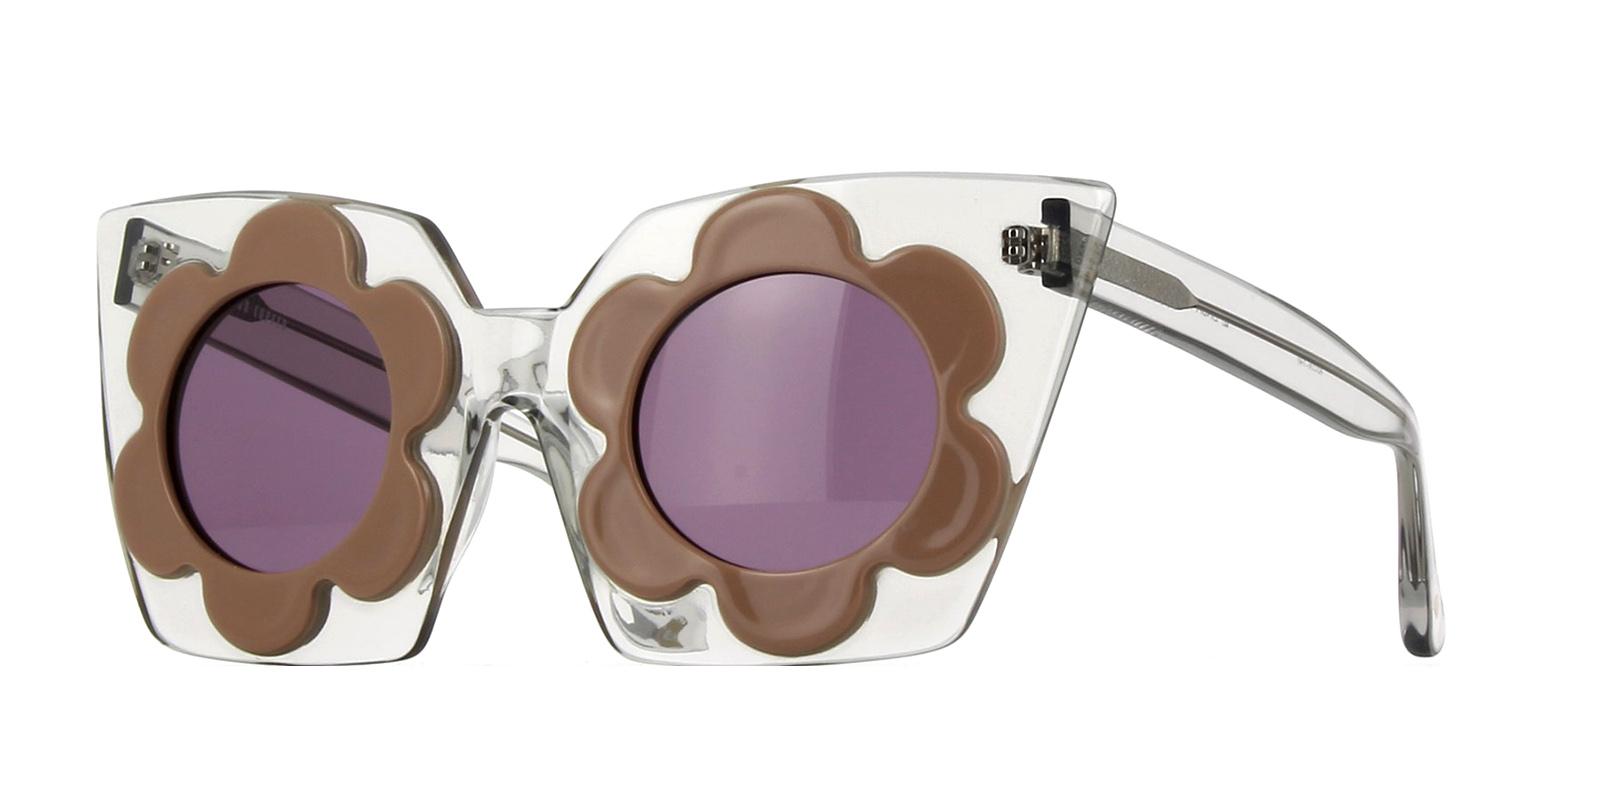 Kris Van Assche Linda Farrow Sunglasses | Luxe Eyeglass Frames | Linda Farrow Sunglasses